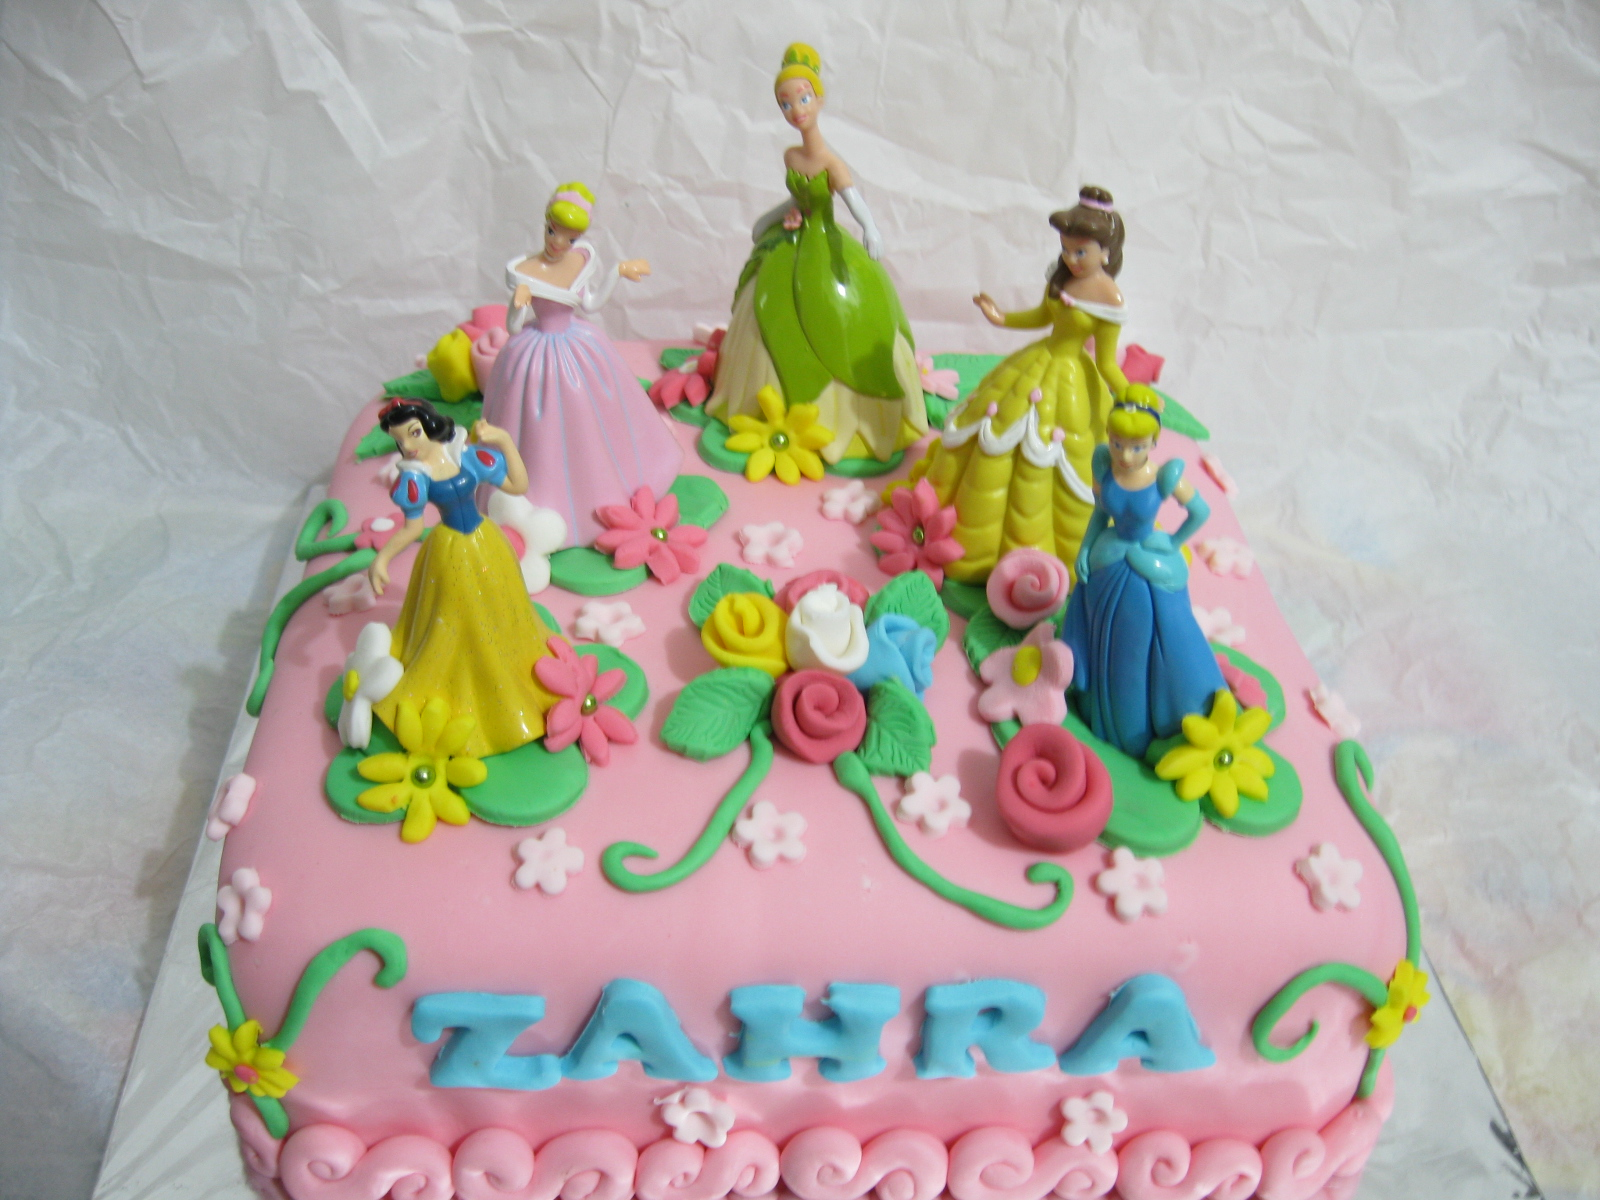 Dapur Kenari Princess Cake for Zahras Birthday